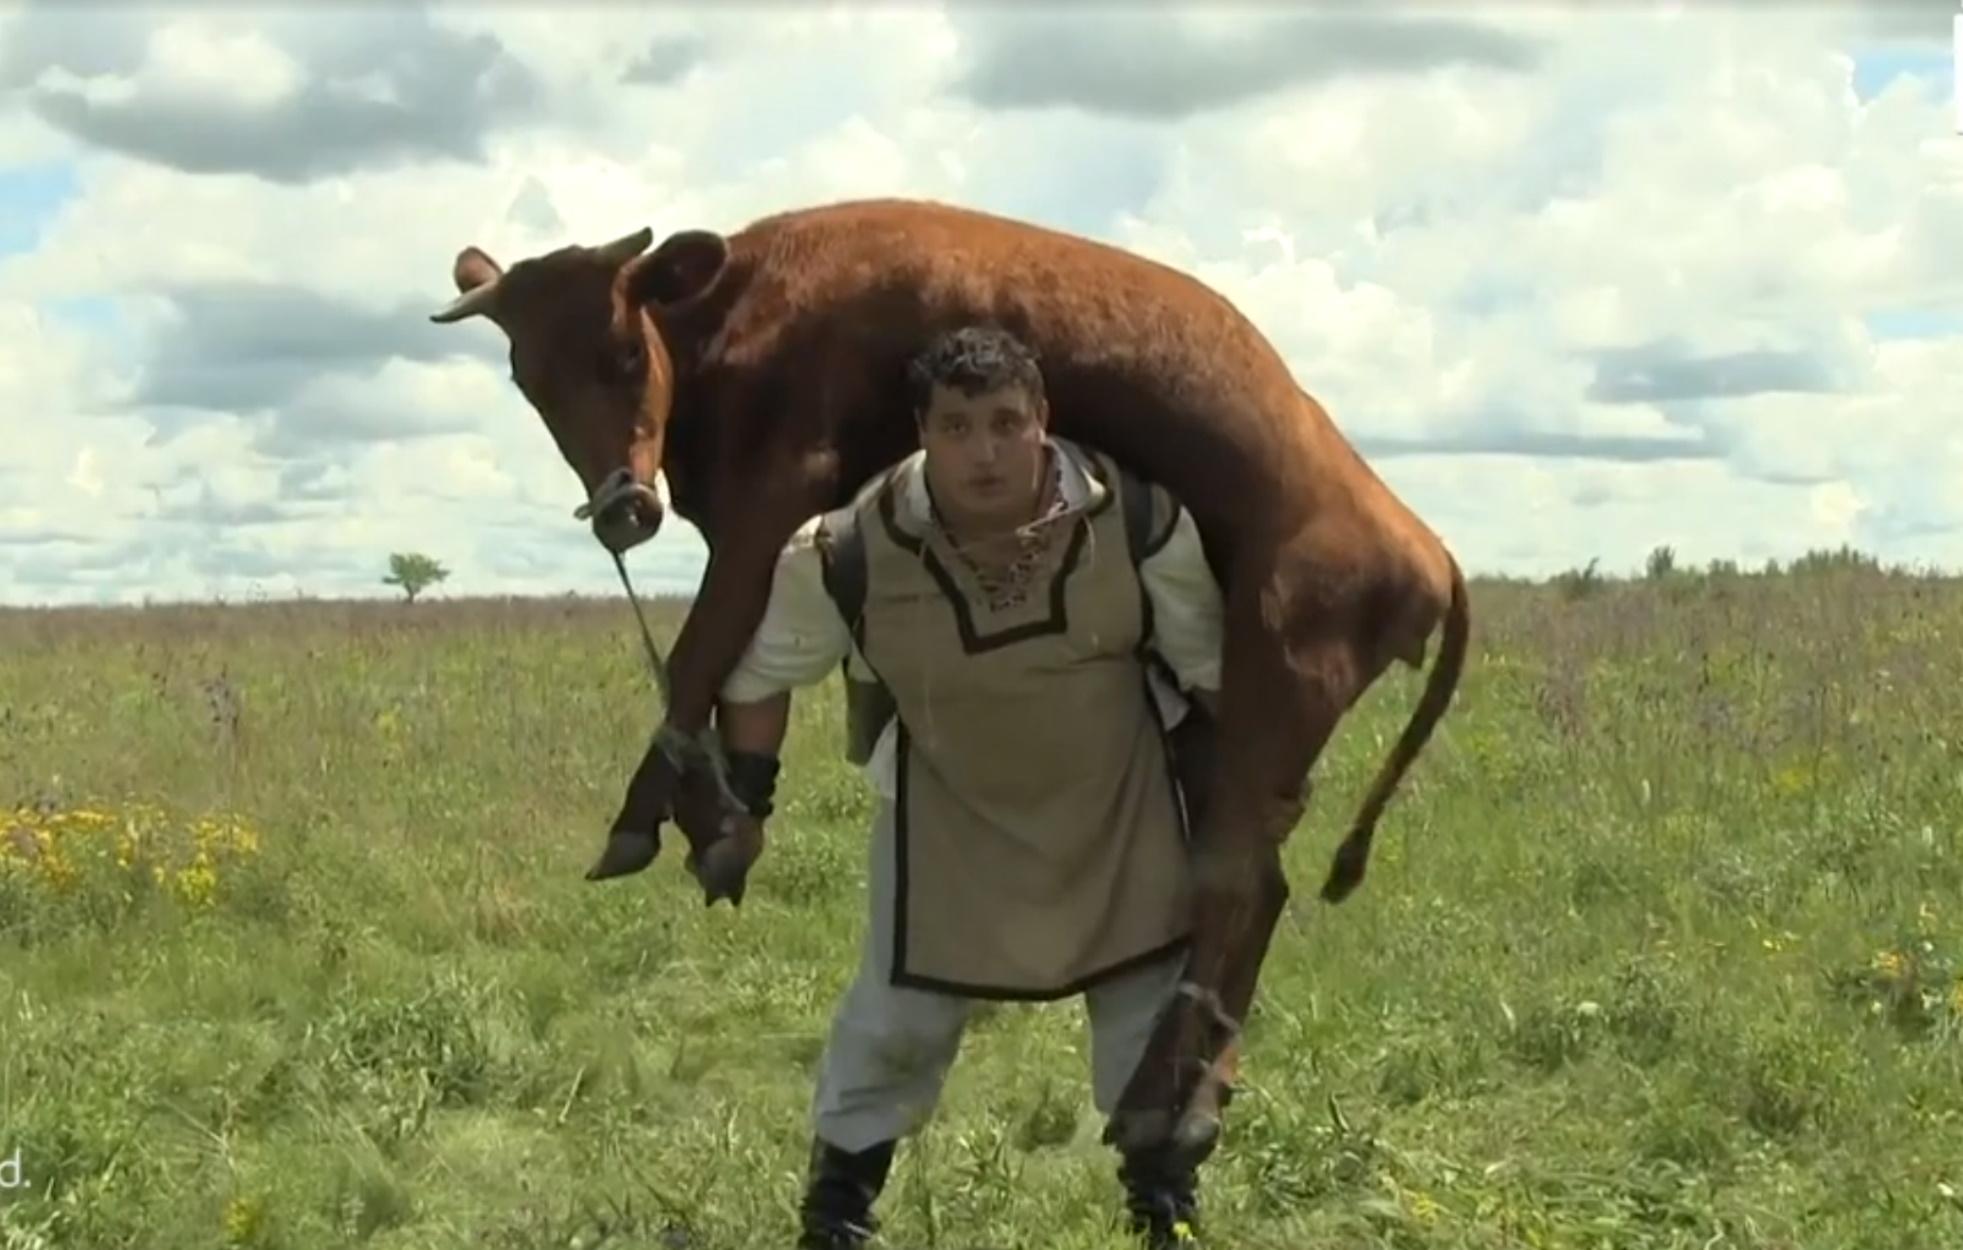 Ρώσος σηκώνει στους ώμους αγελάδα 350 κιλών για περισσότερο από 1 λεπτό!